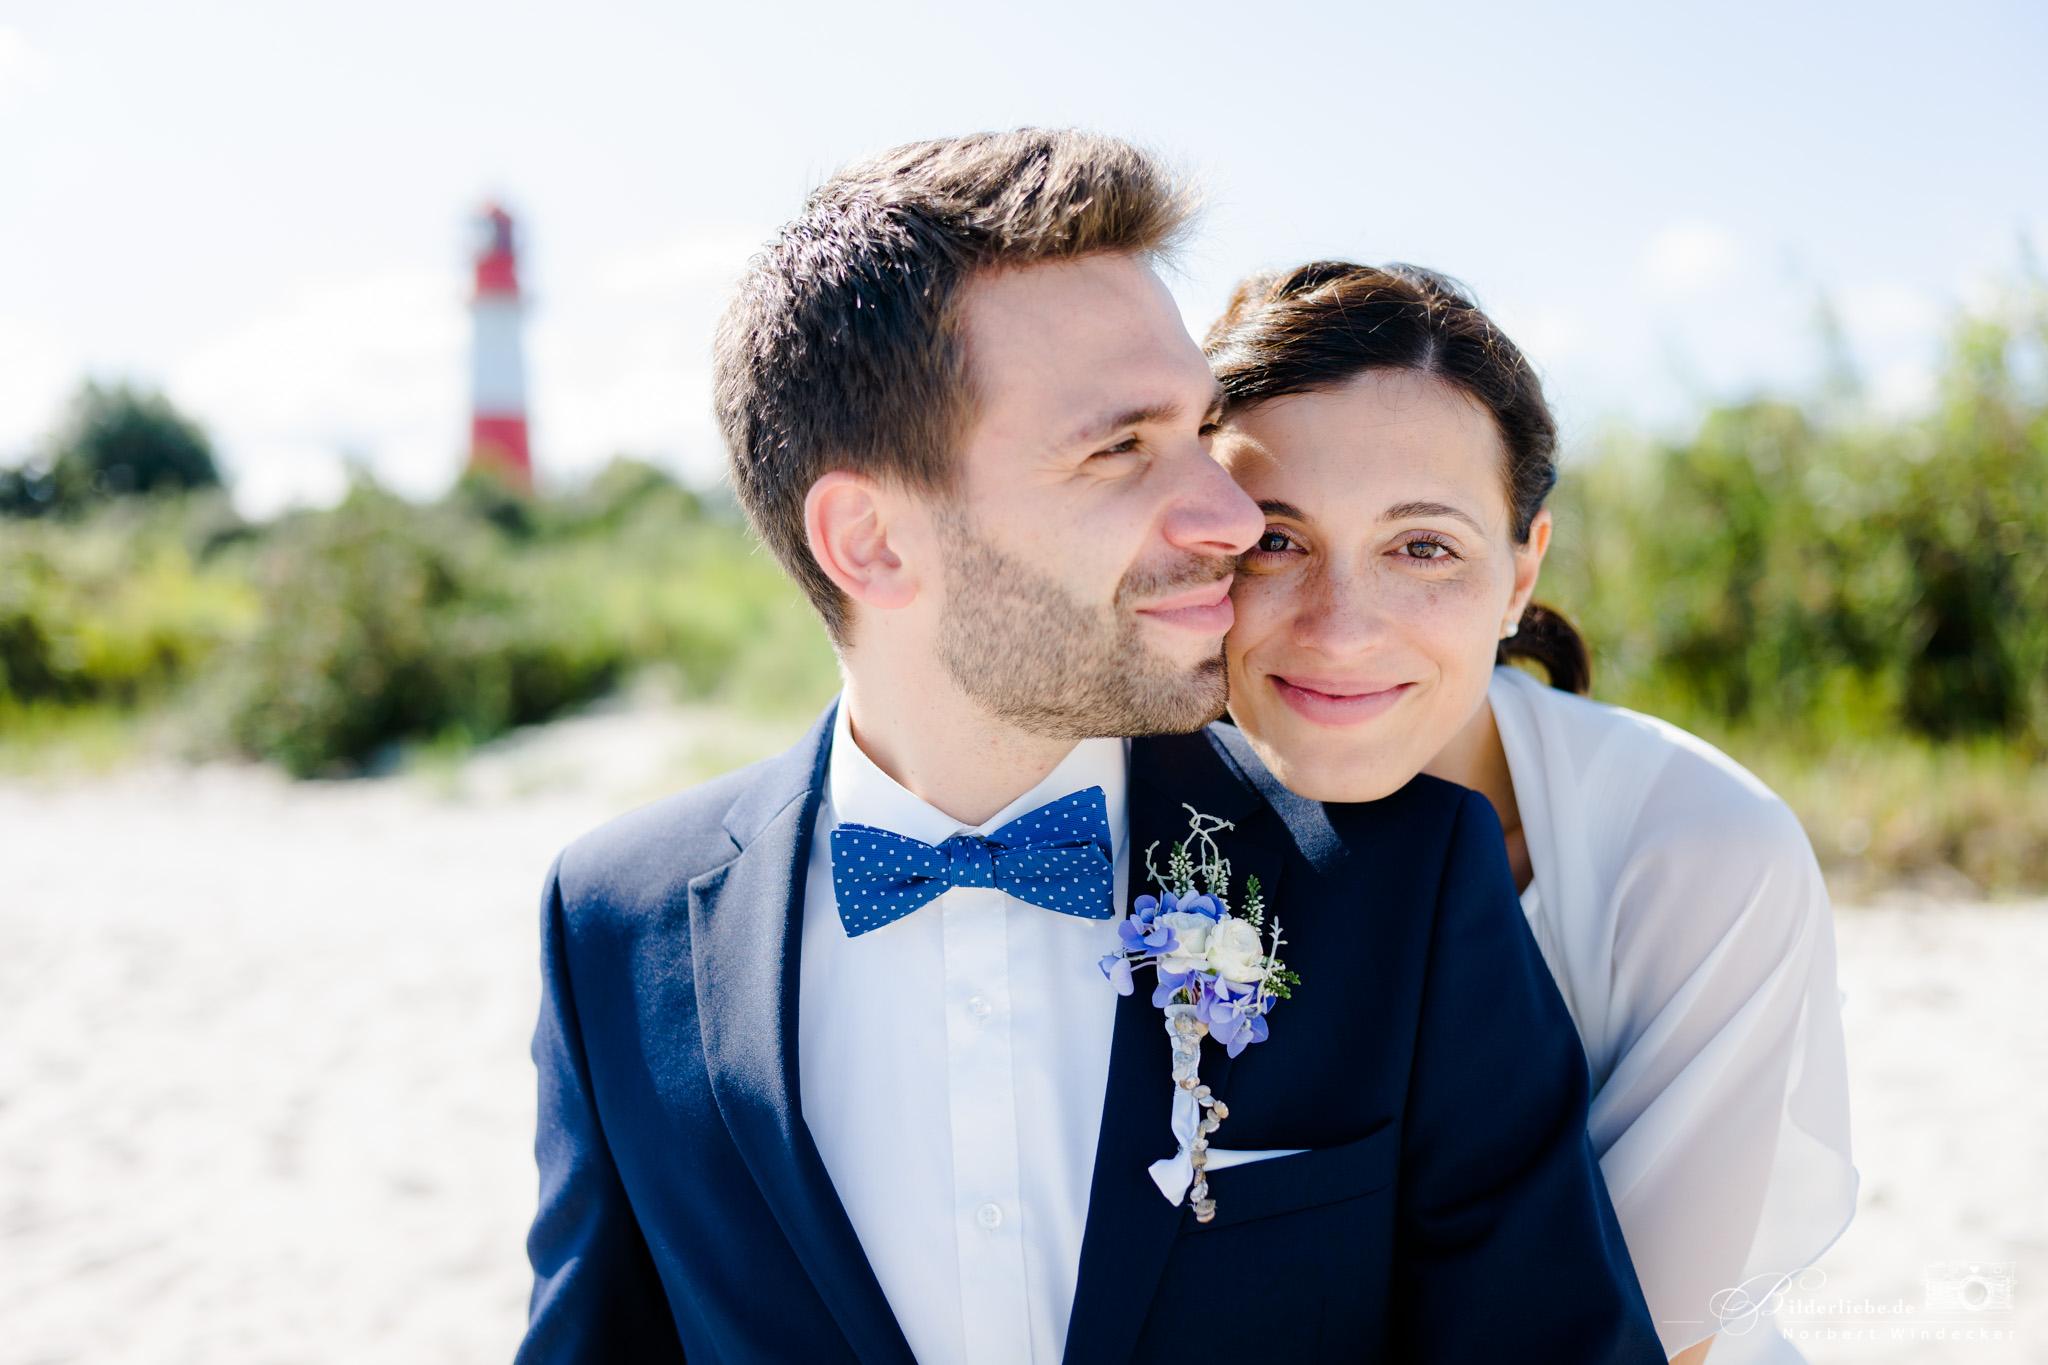 Hochzeitsfotos & Reportagen - Hochzeitsfotograf Norbert Windecker